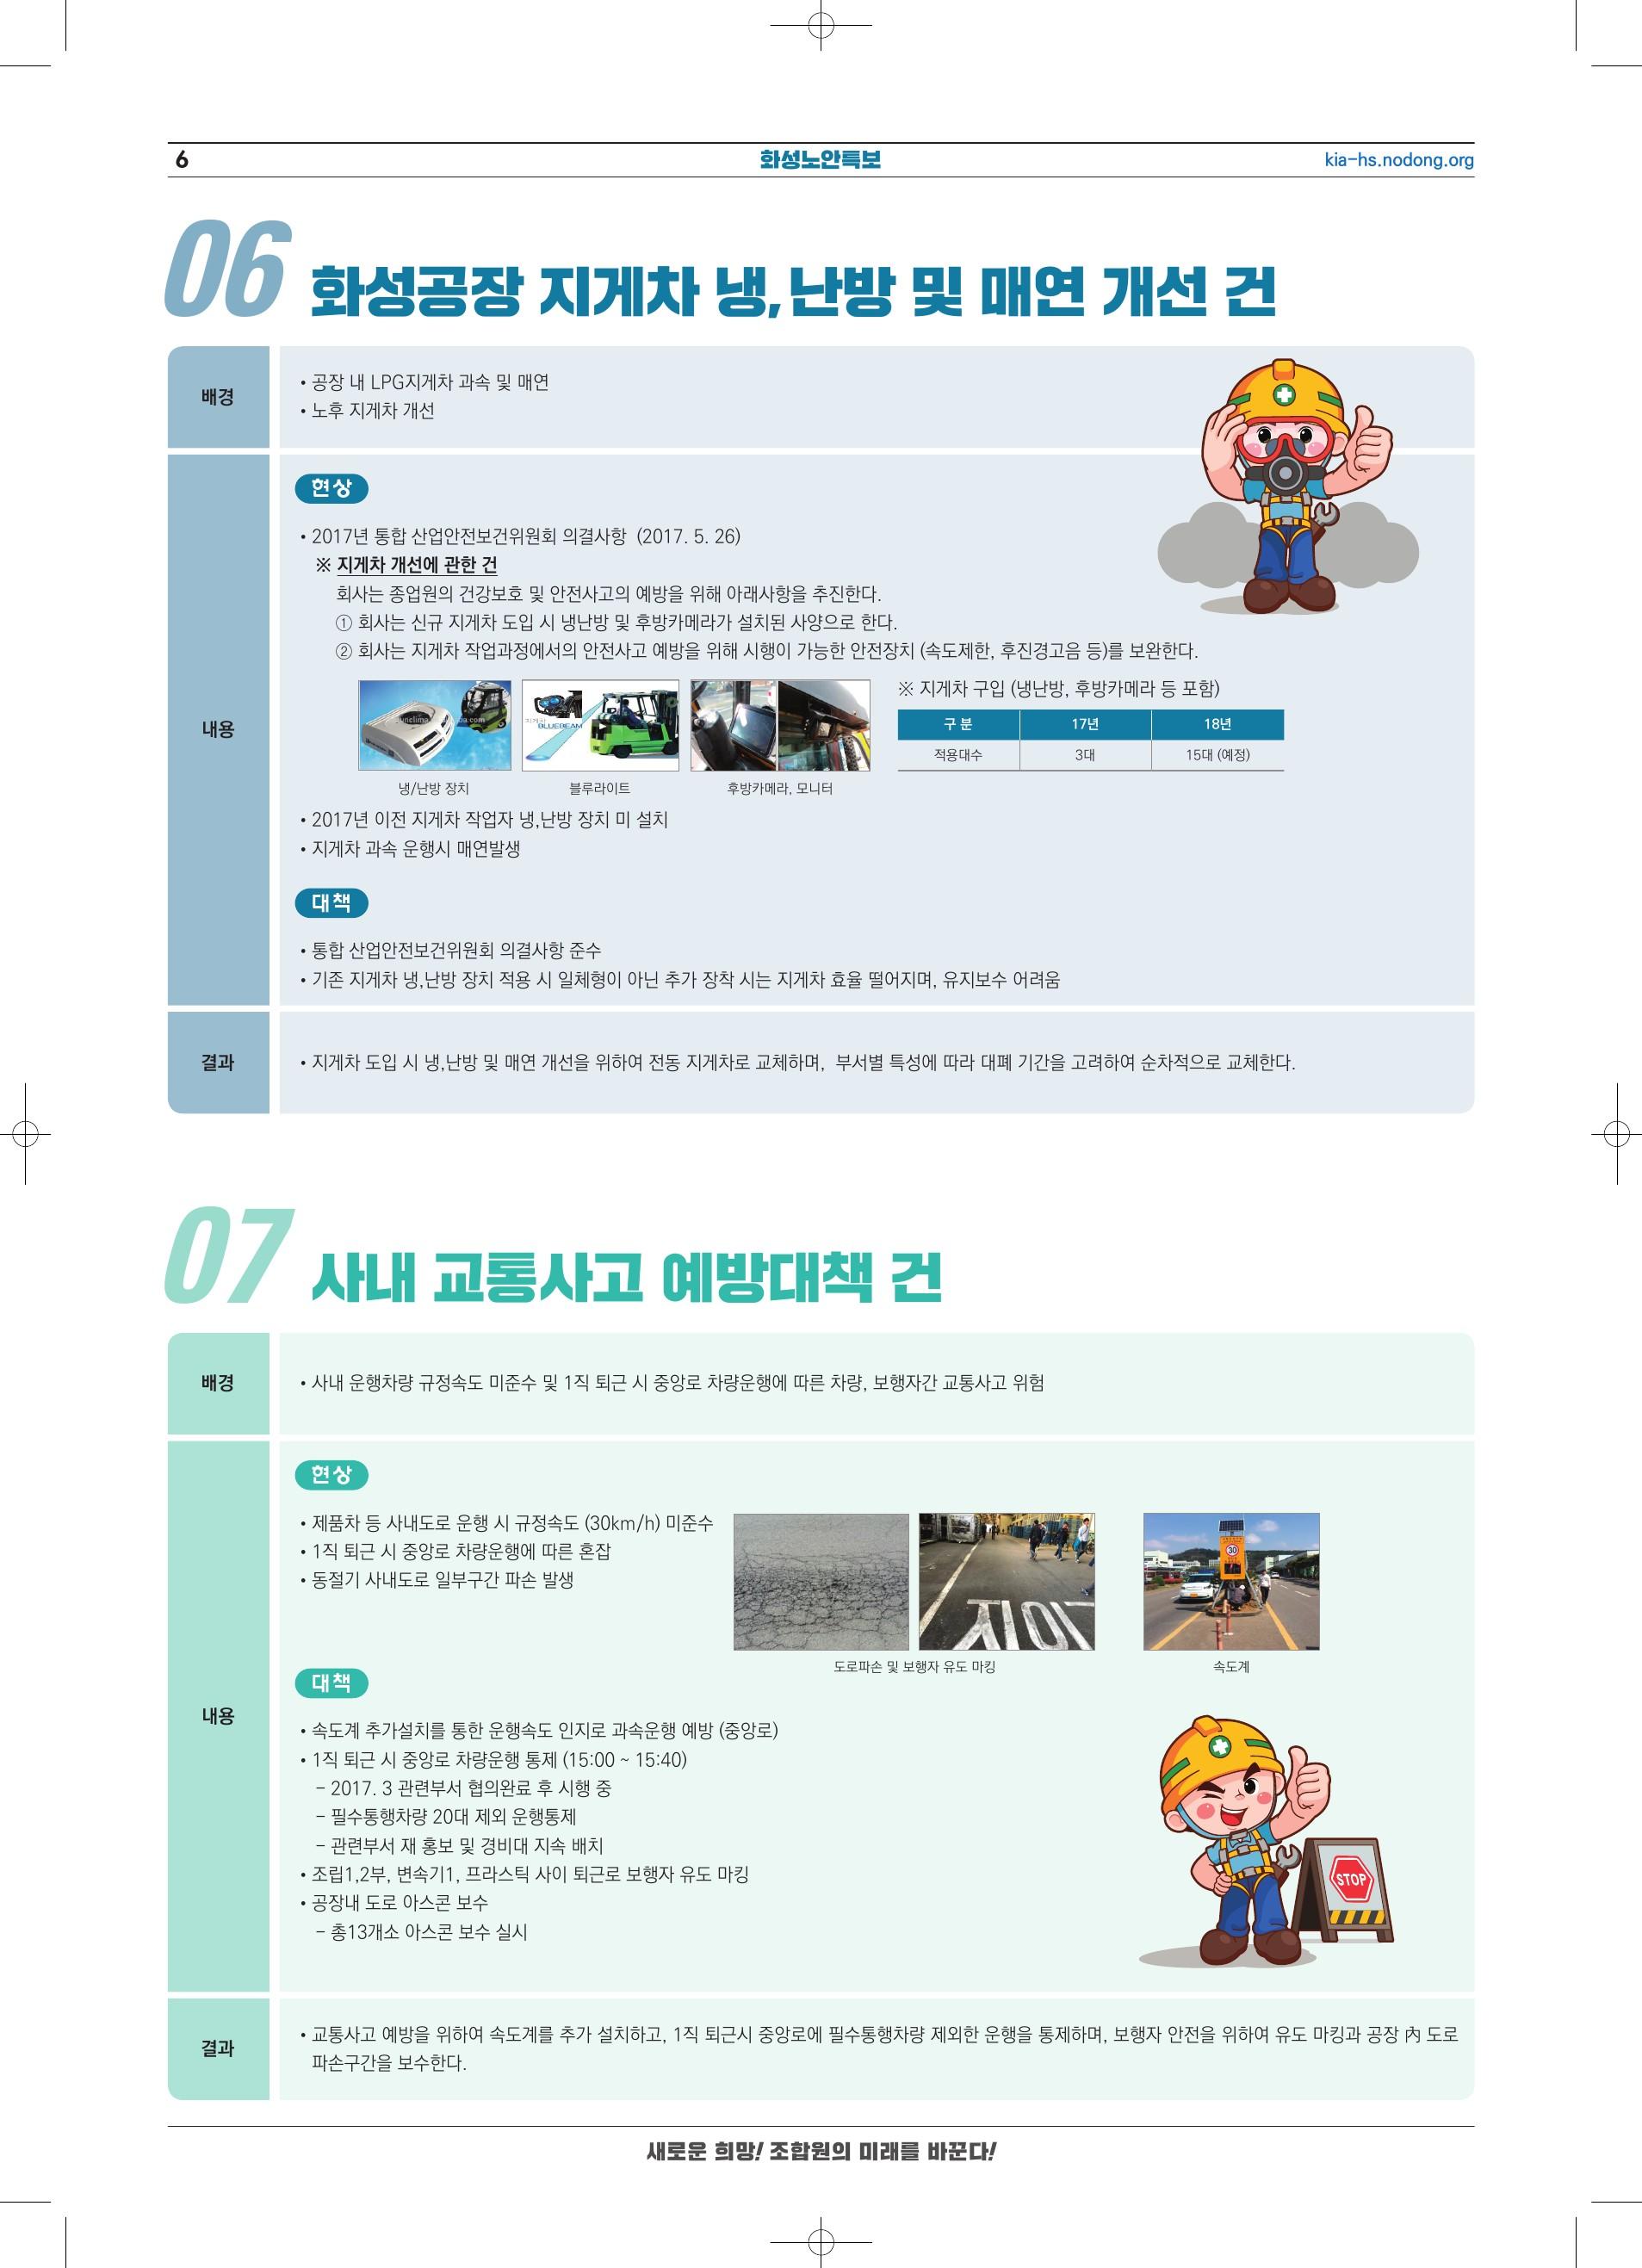 화성노안특보-최종 인쇄-6.jpg